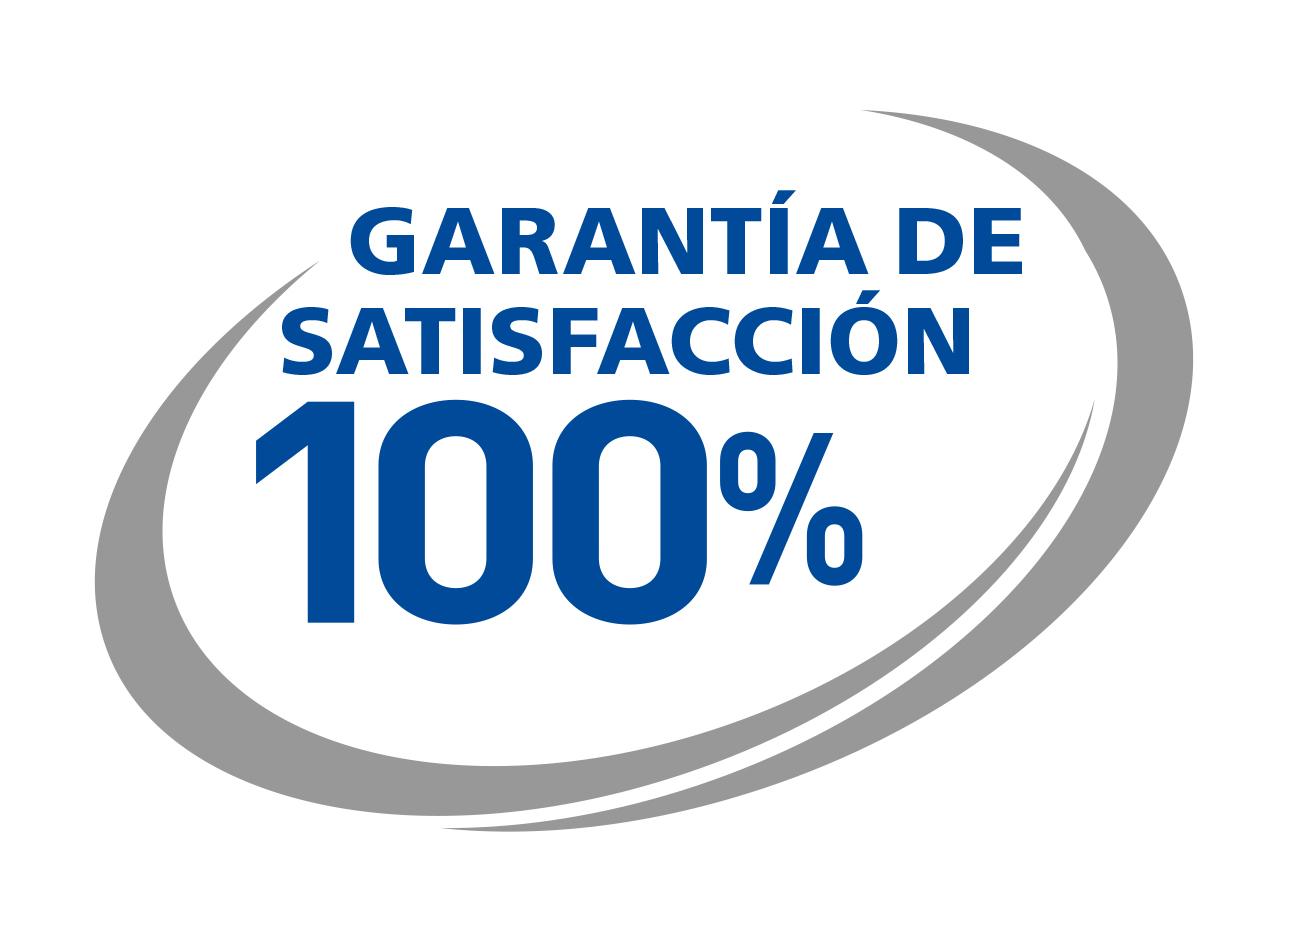 Hill's garantía de satisfacción